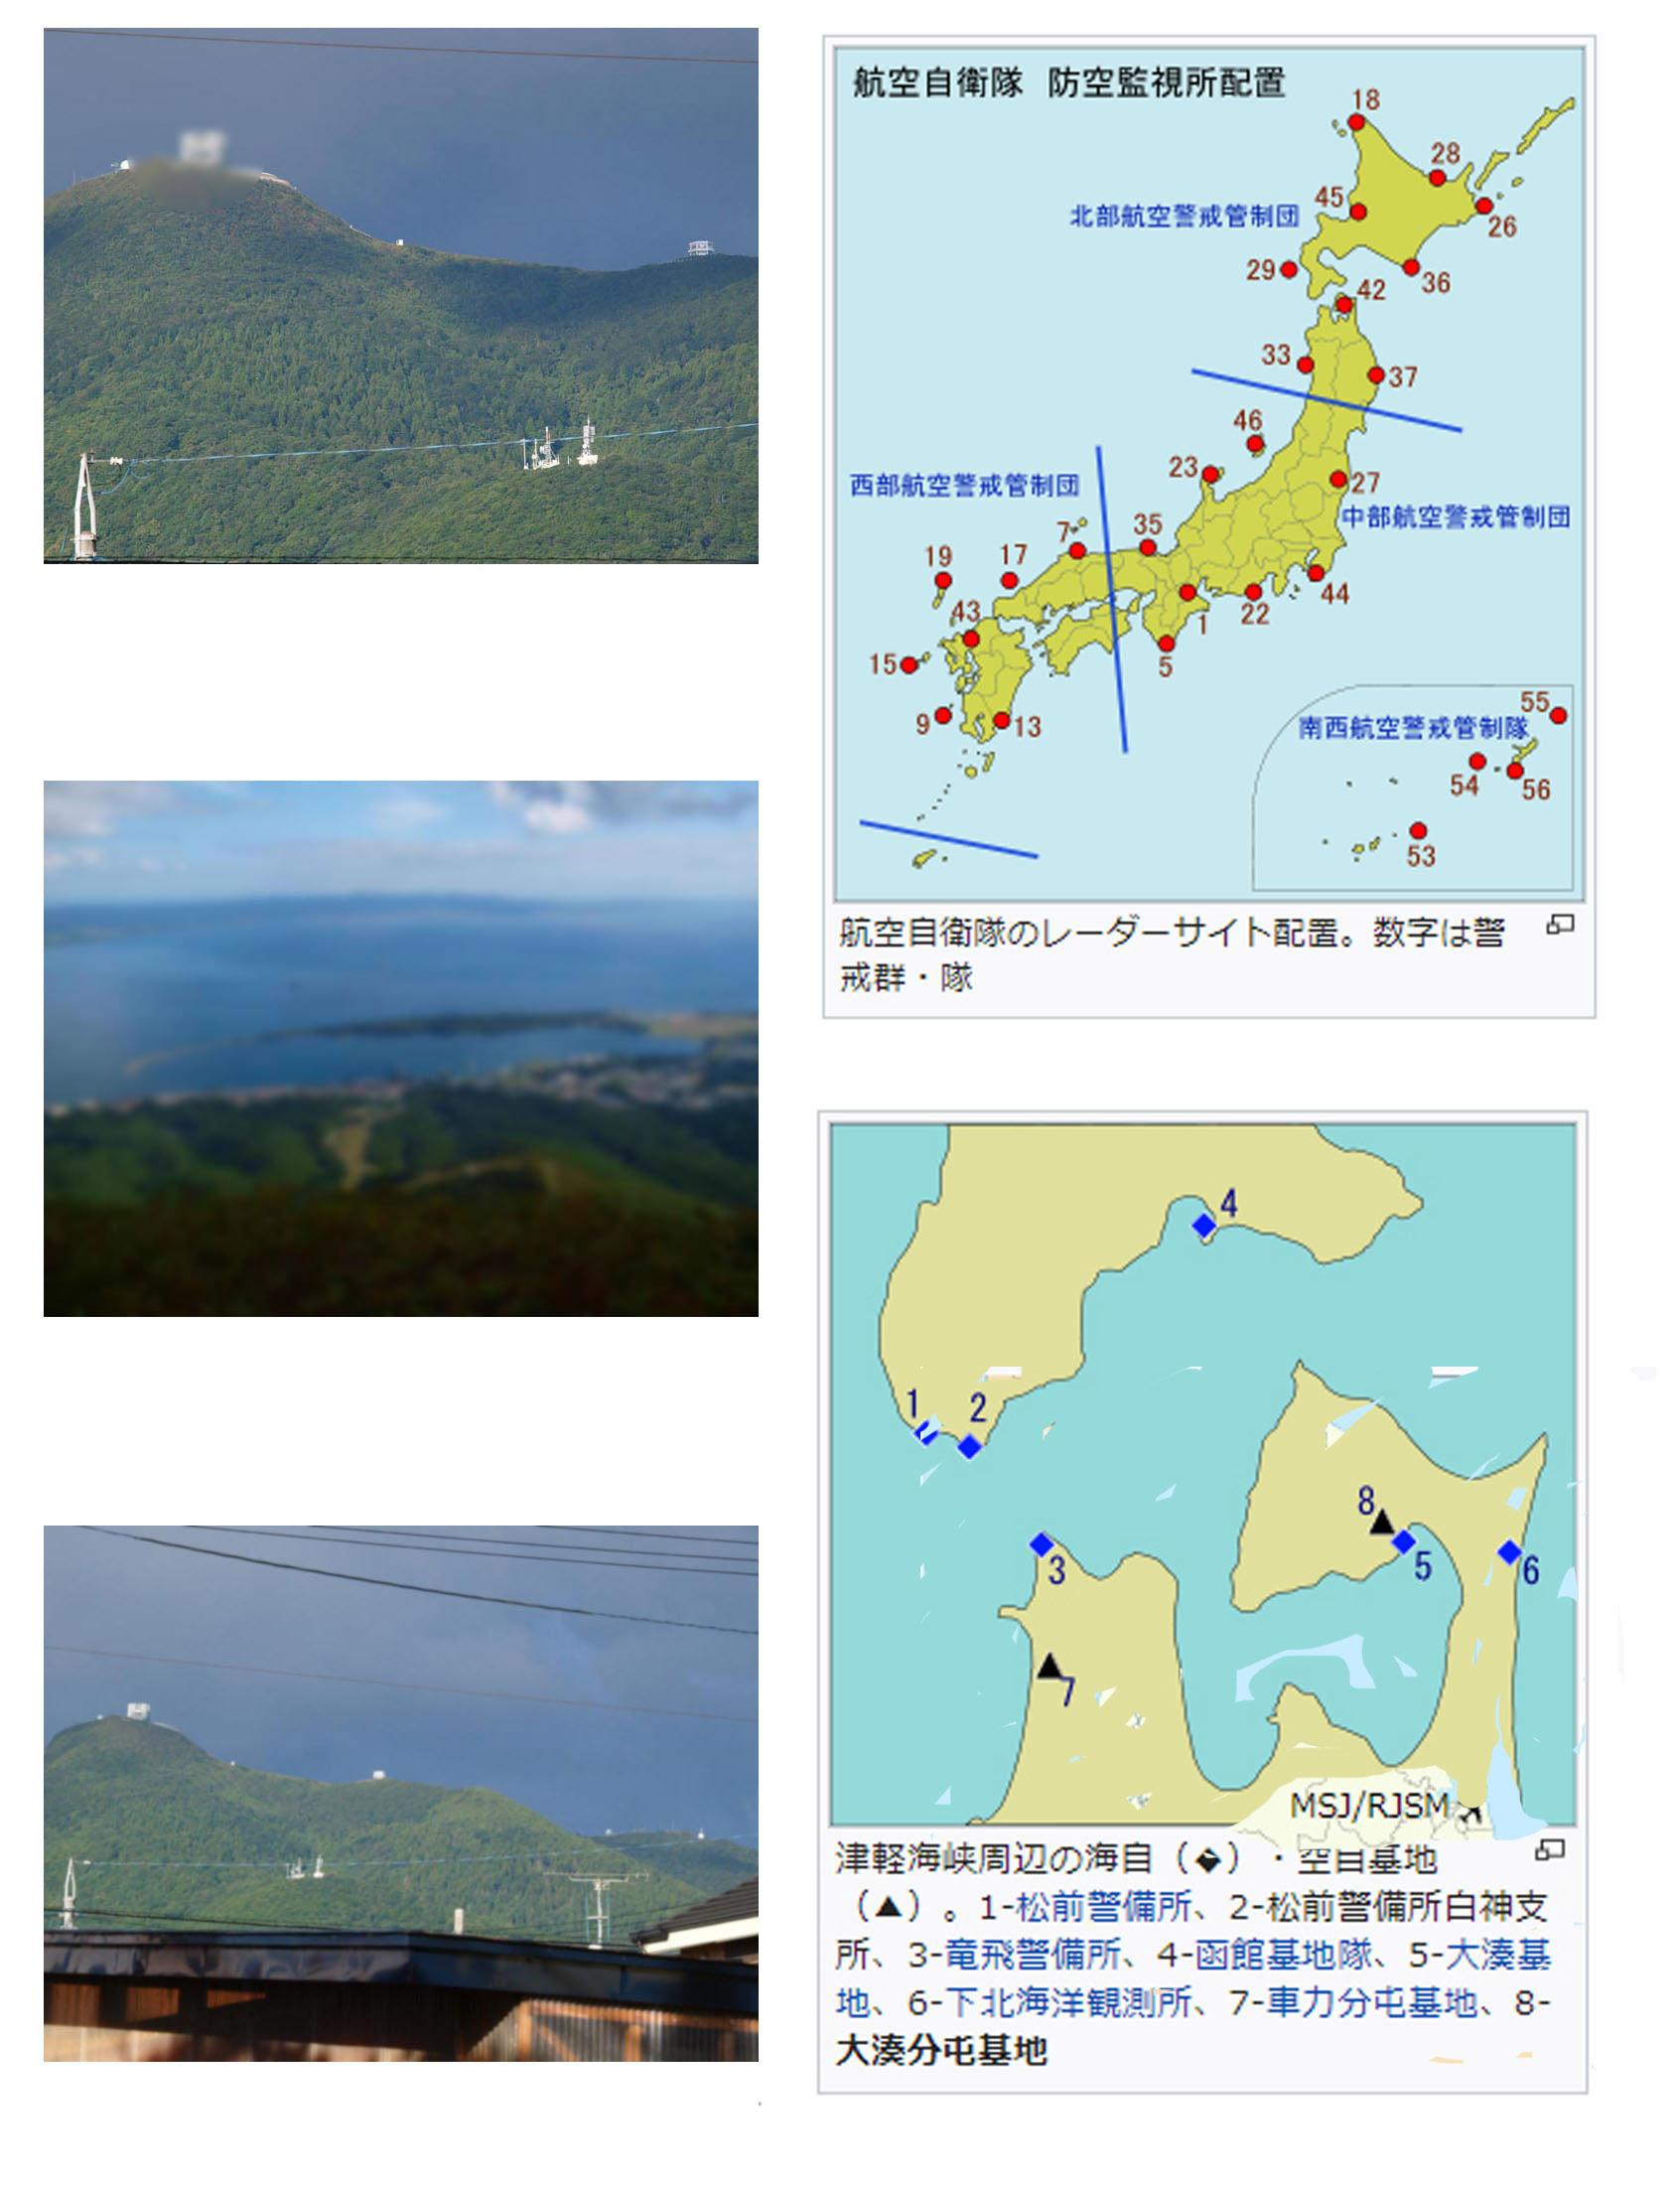 北日本国防の要の陸奥湾を洋上風力で封殺するマスコミらの誘導を河野防衛大臣は注視せよ_e0039759_20134582.jpg